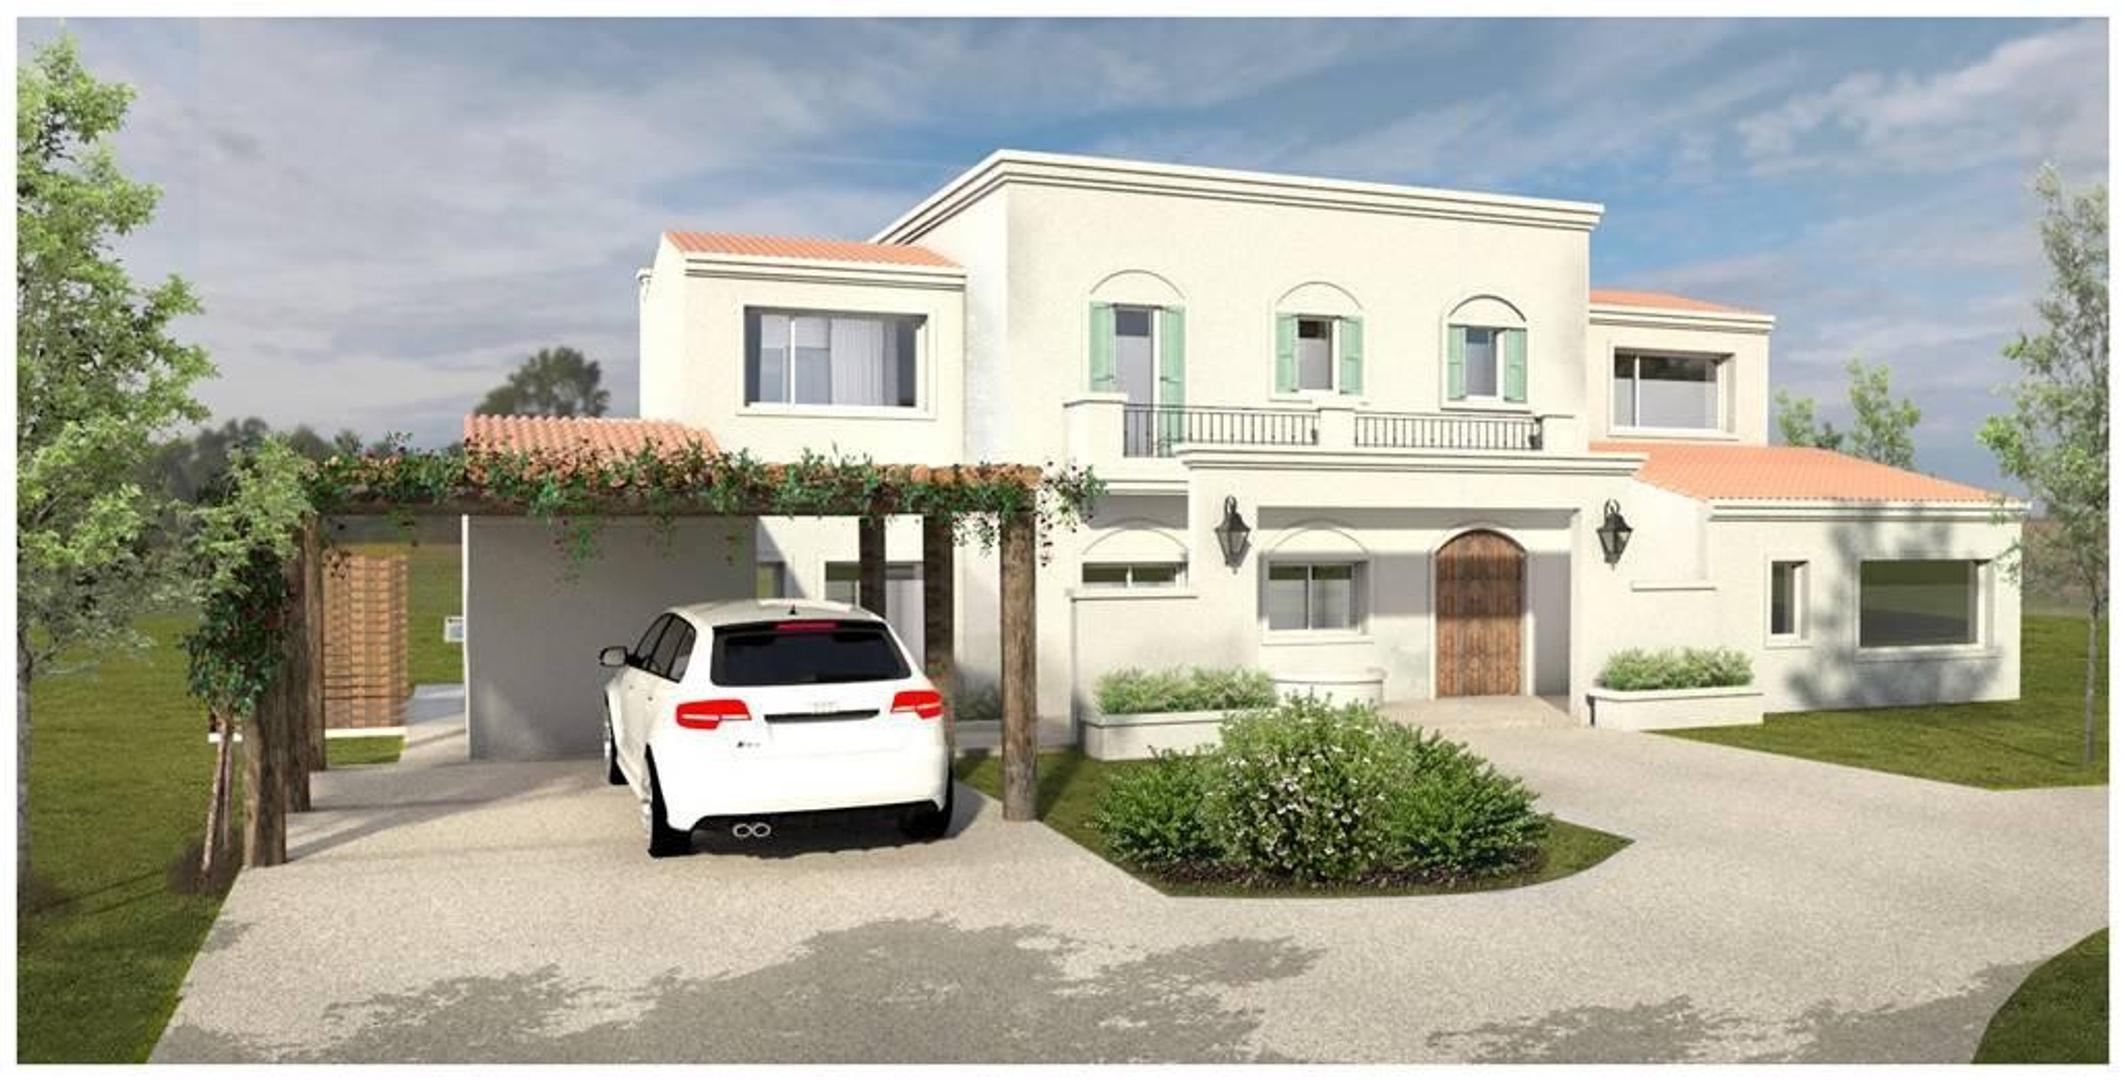 Casa en Venta - 6 ambientes - USD 720.000